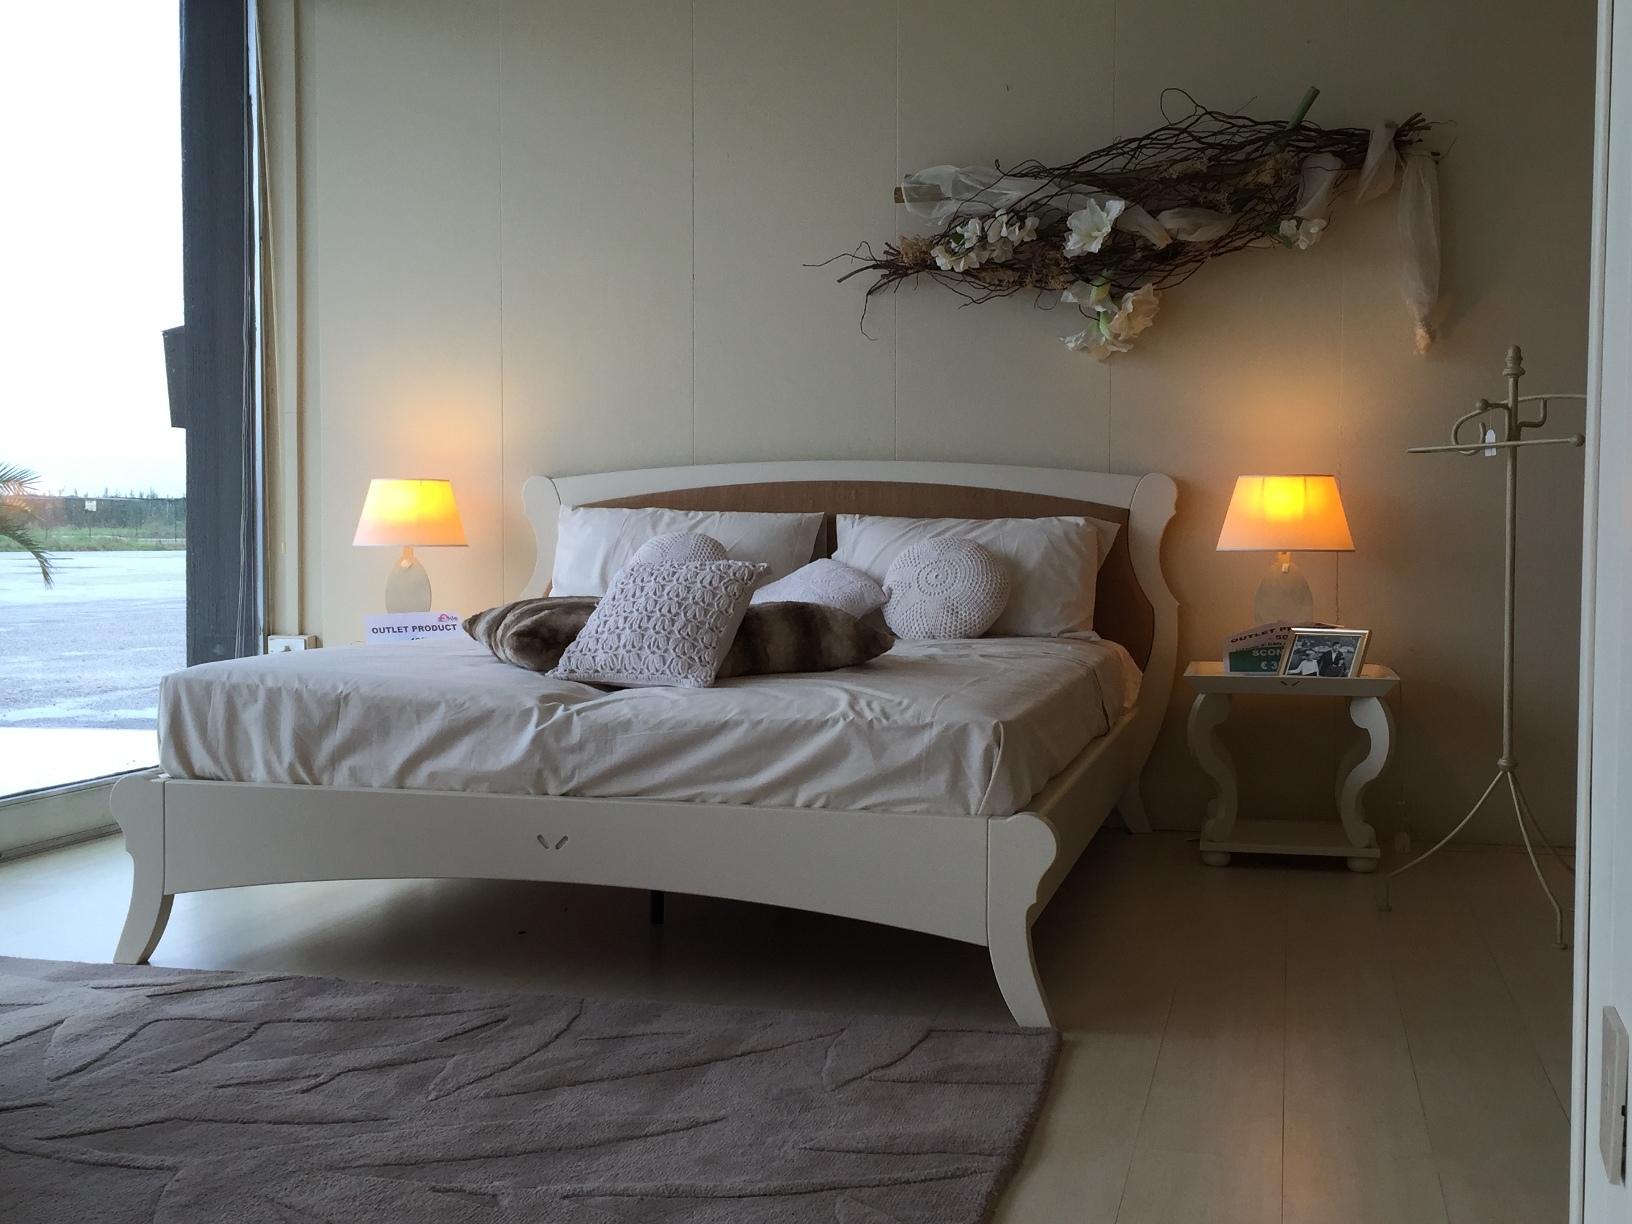 Letto minacciolo english mood fulton matrimoniale classico for Camere da letto in legno prezzi